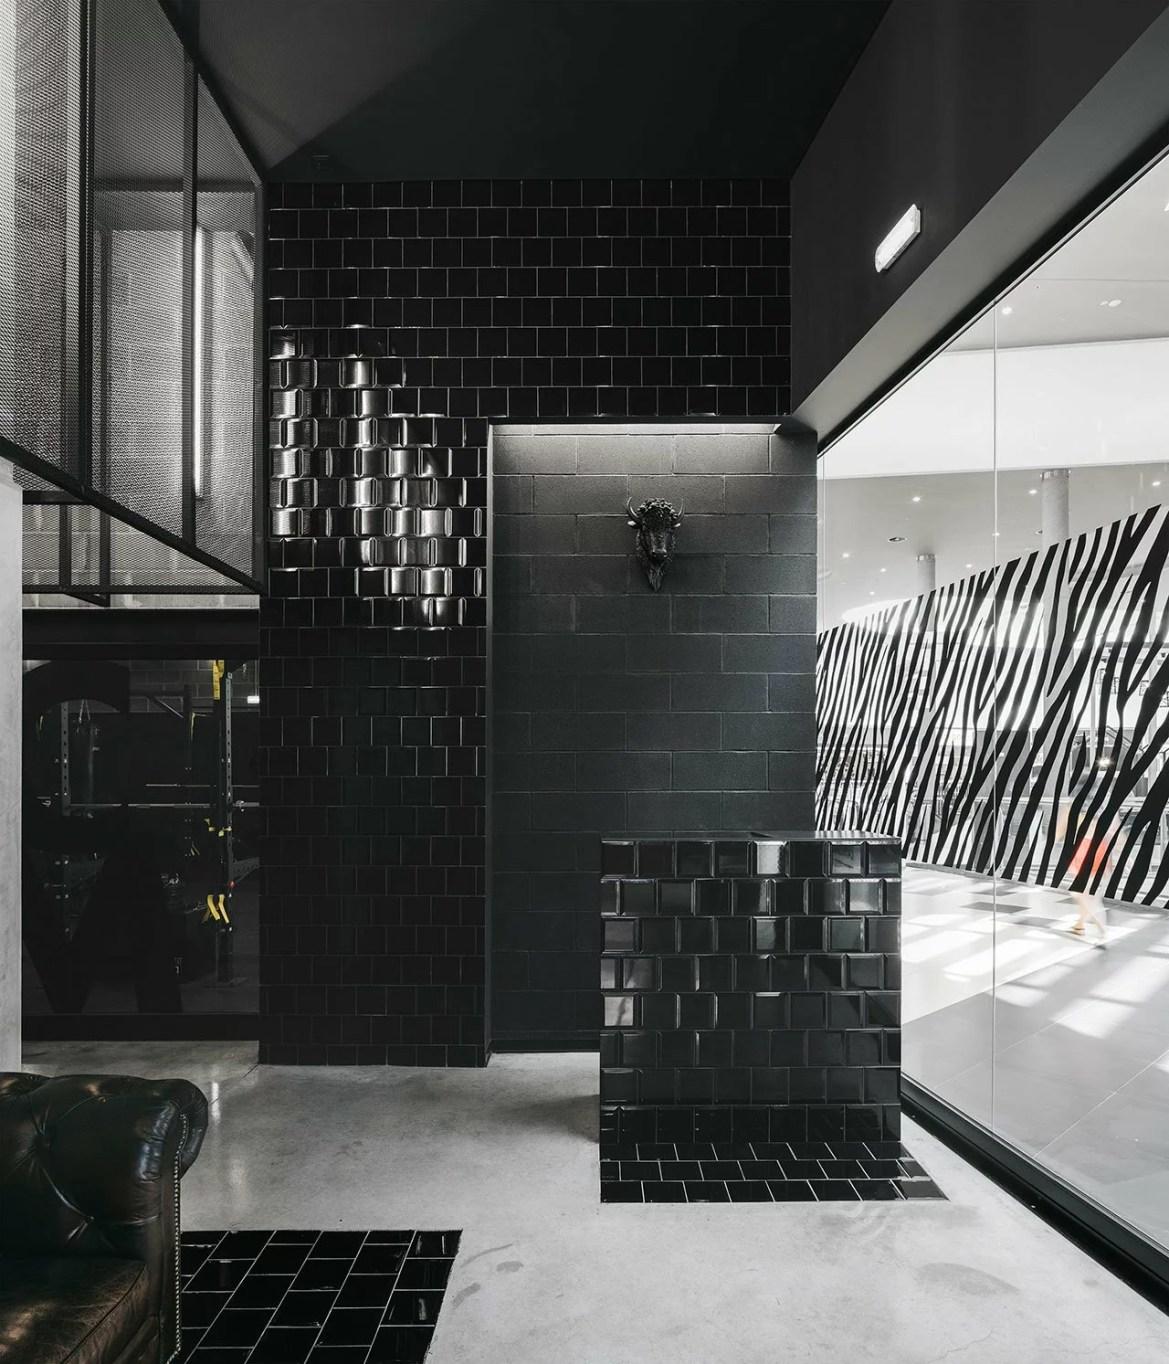 Design, Architecture d'intérieur, Noir et Blanc - Krush It, Portugal